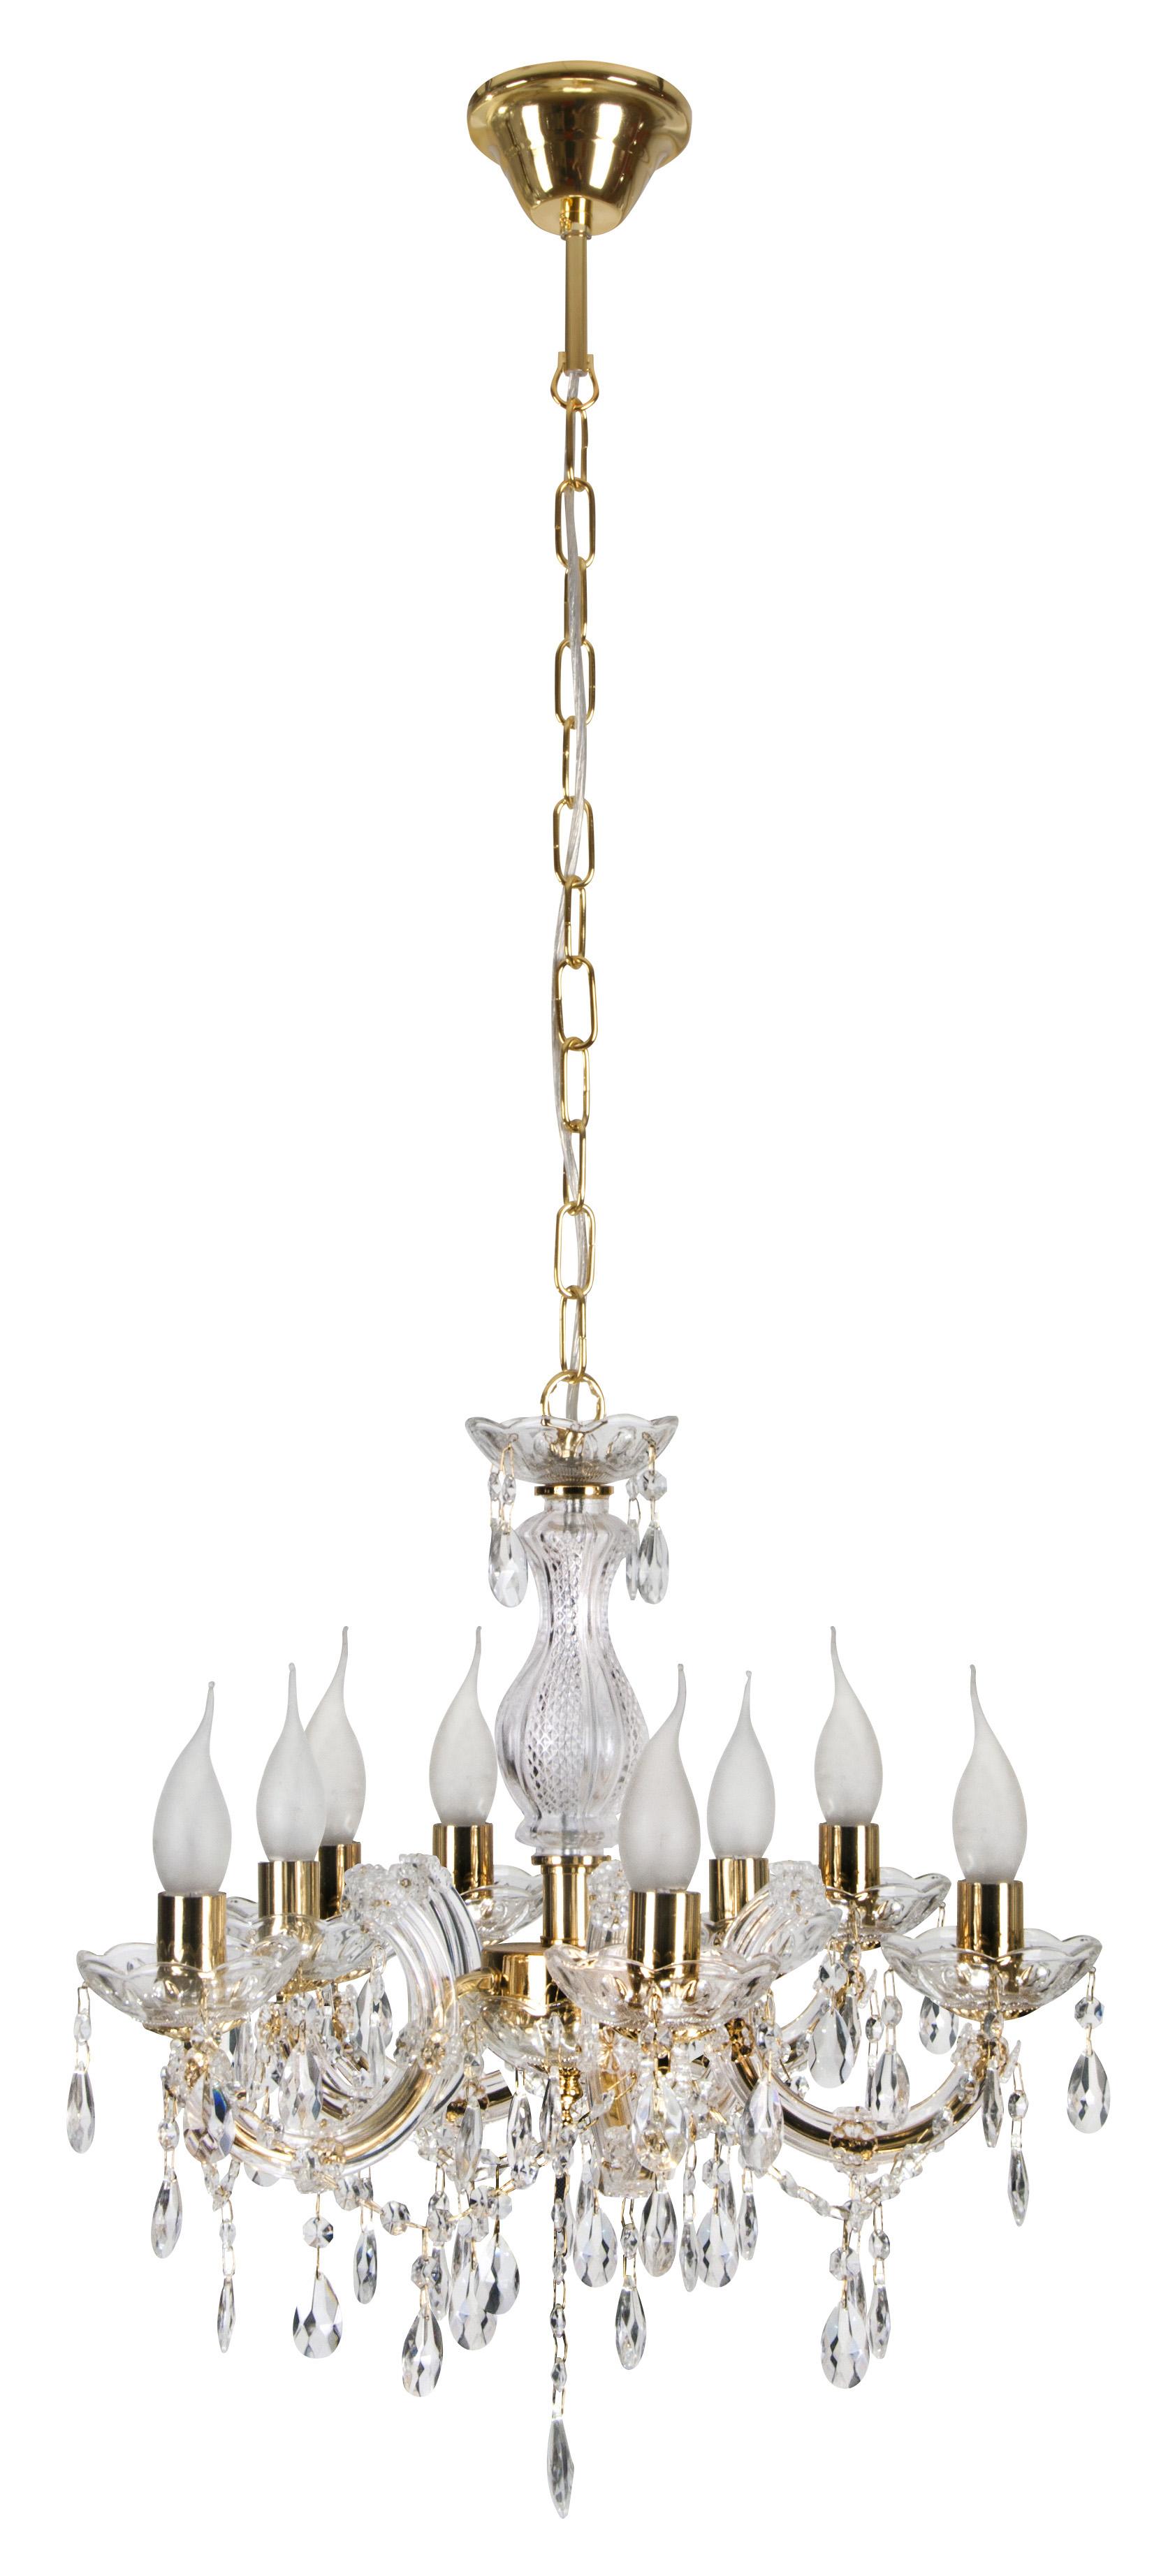 Maria Teresa lampa wisząca 38 94653 Candellux Świecąca żyrafa